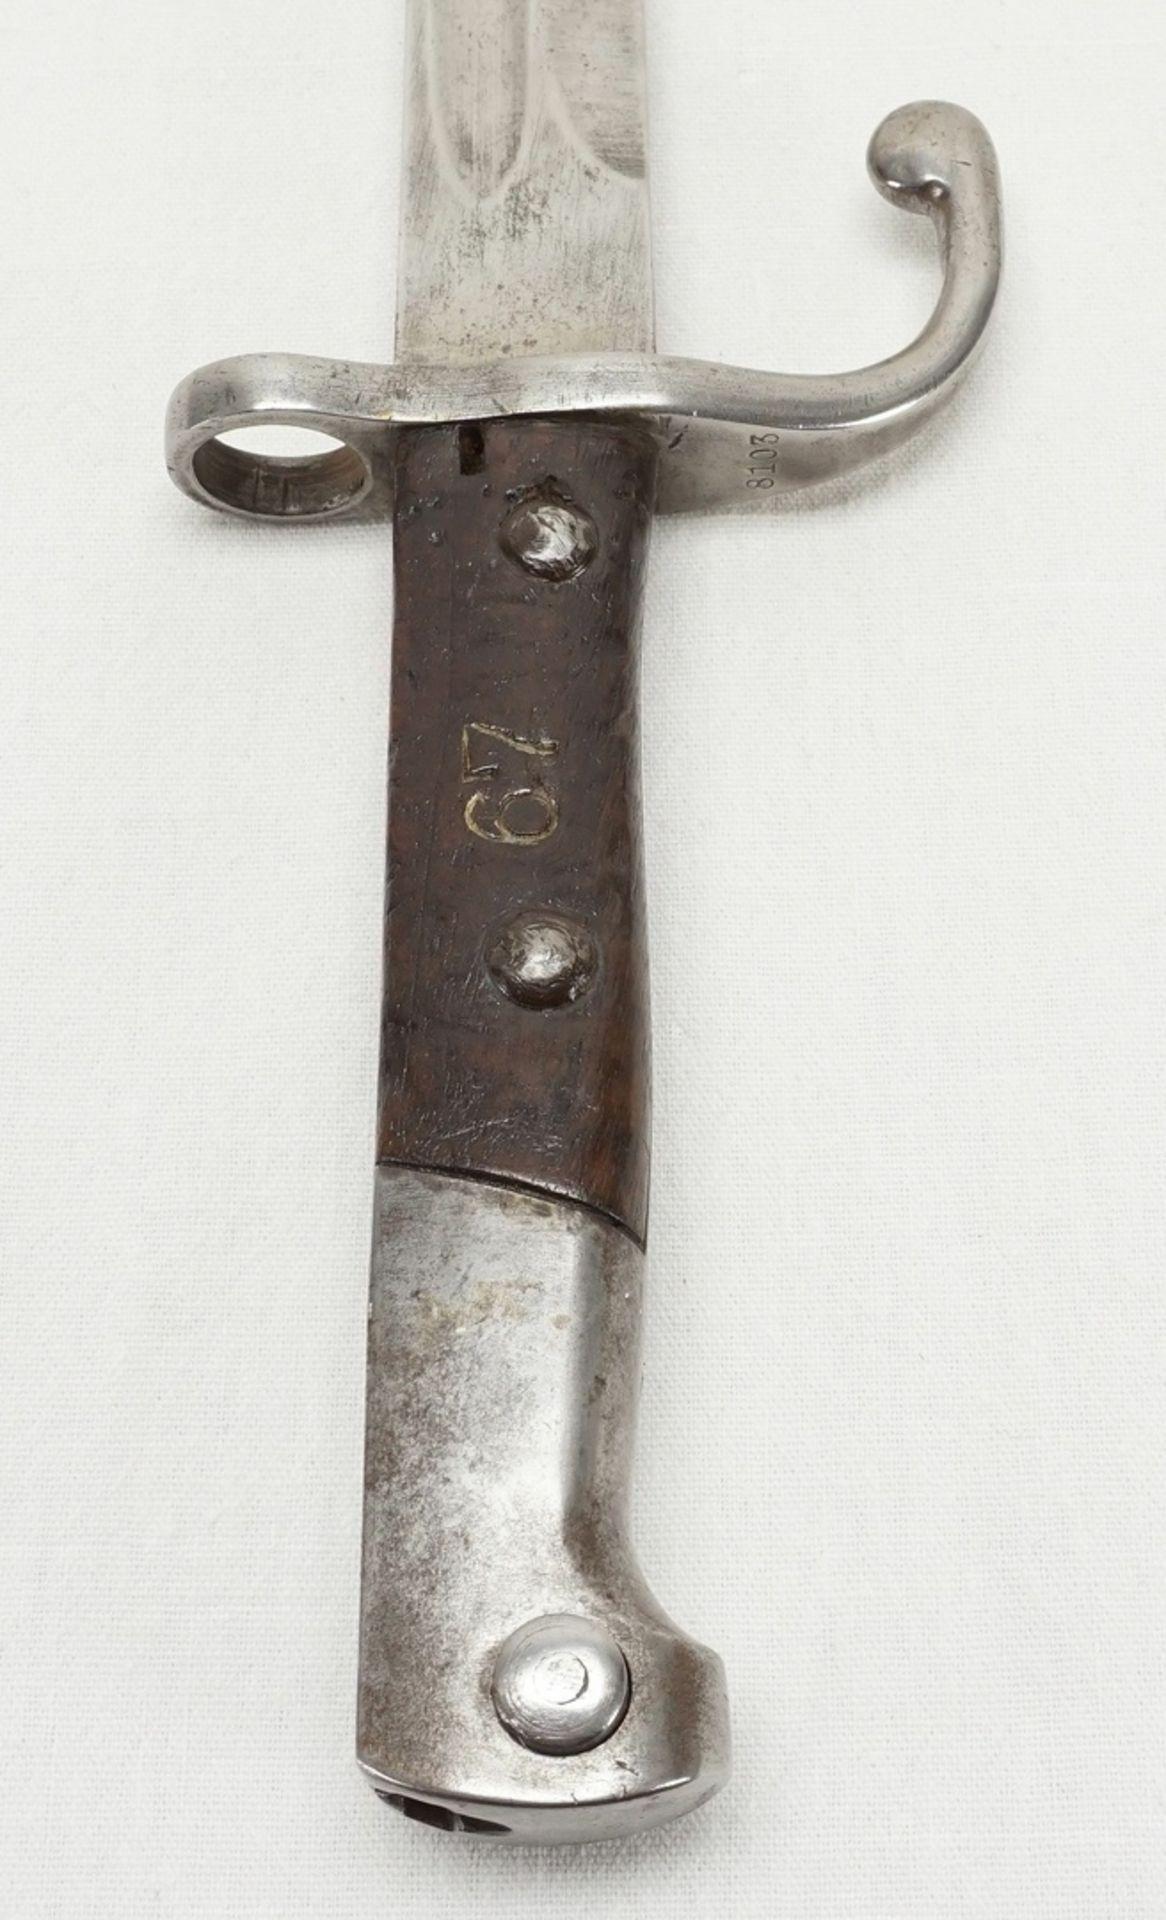 Vier Bajonette ohne Scheide, 1900 bis 1945 - Bild 3 aus 5